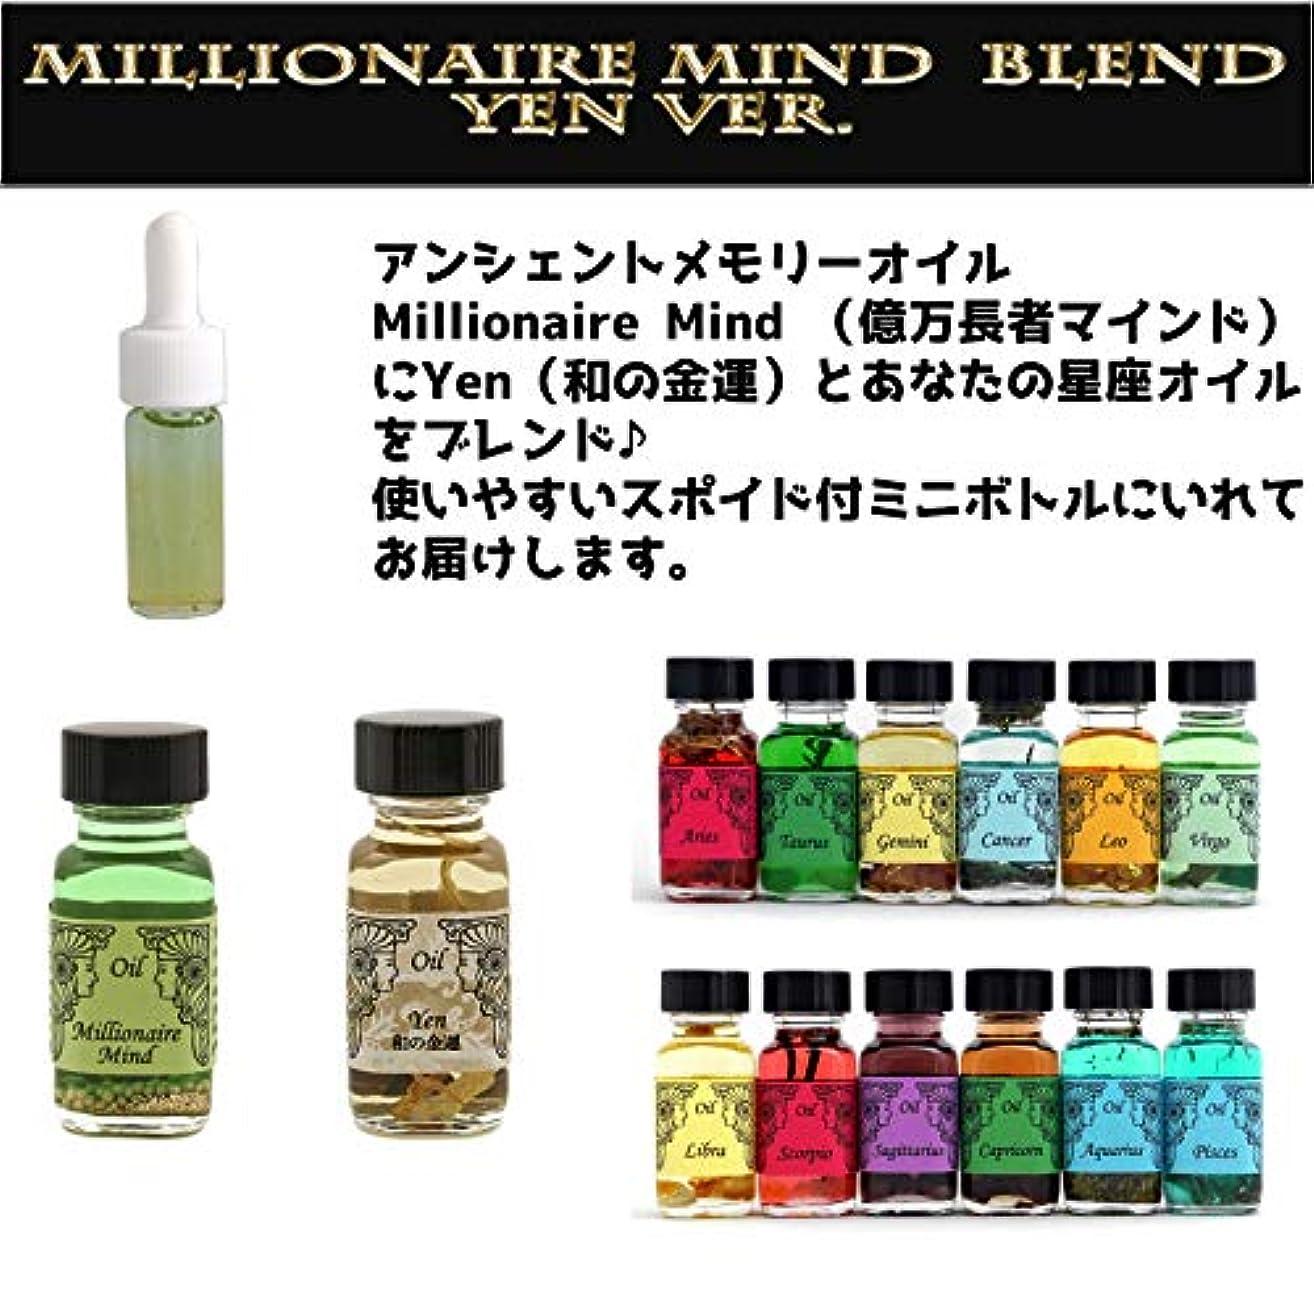 歌詞夕食を食べるソーシャルアンシェントメモリーオイル Millionaire Mind 億万長者マインド ブレンド【Yen 和の金運&しし座】